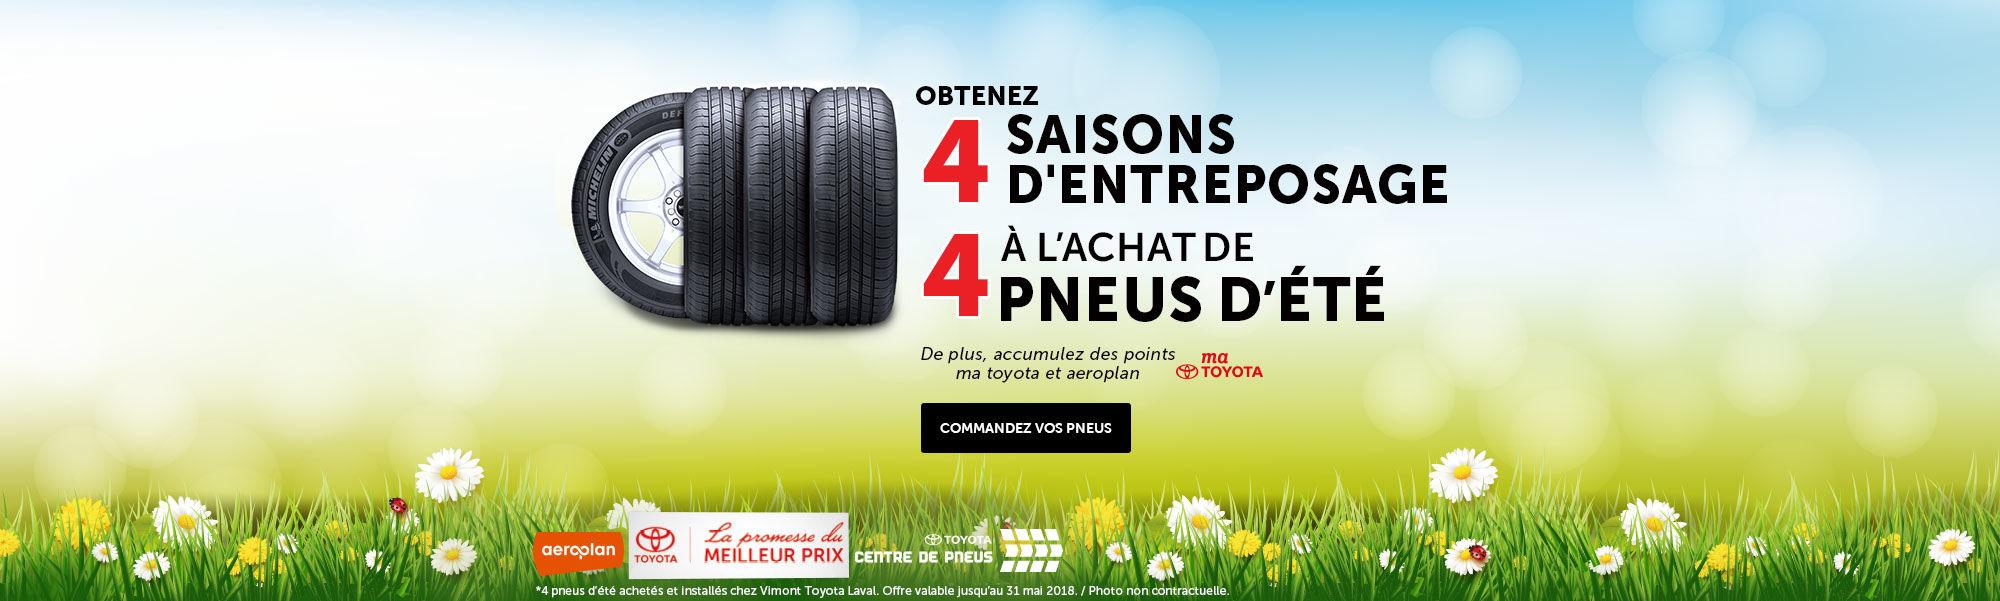 4 saisons d'entreposage à l'achat de 4 pneus d'été - web